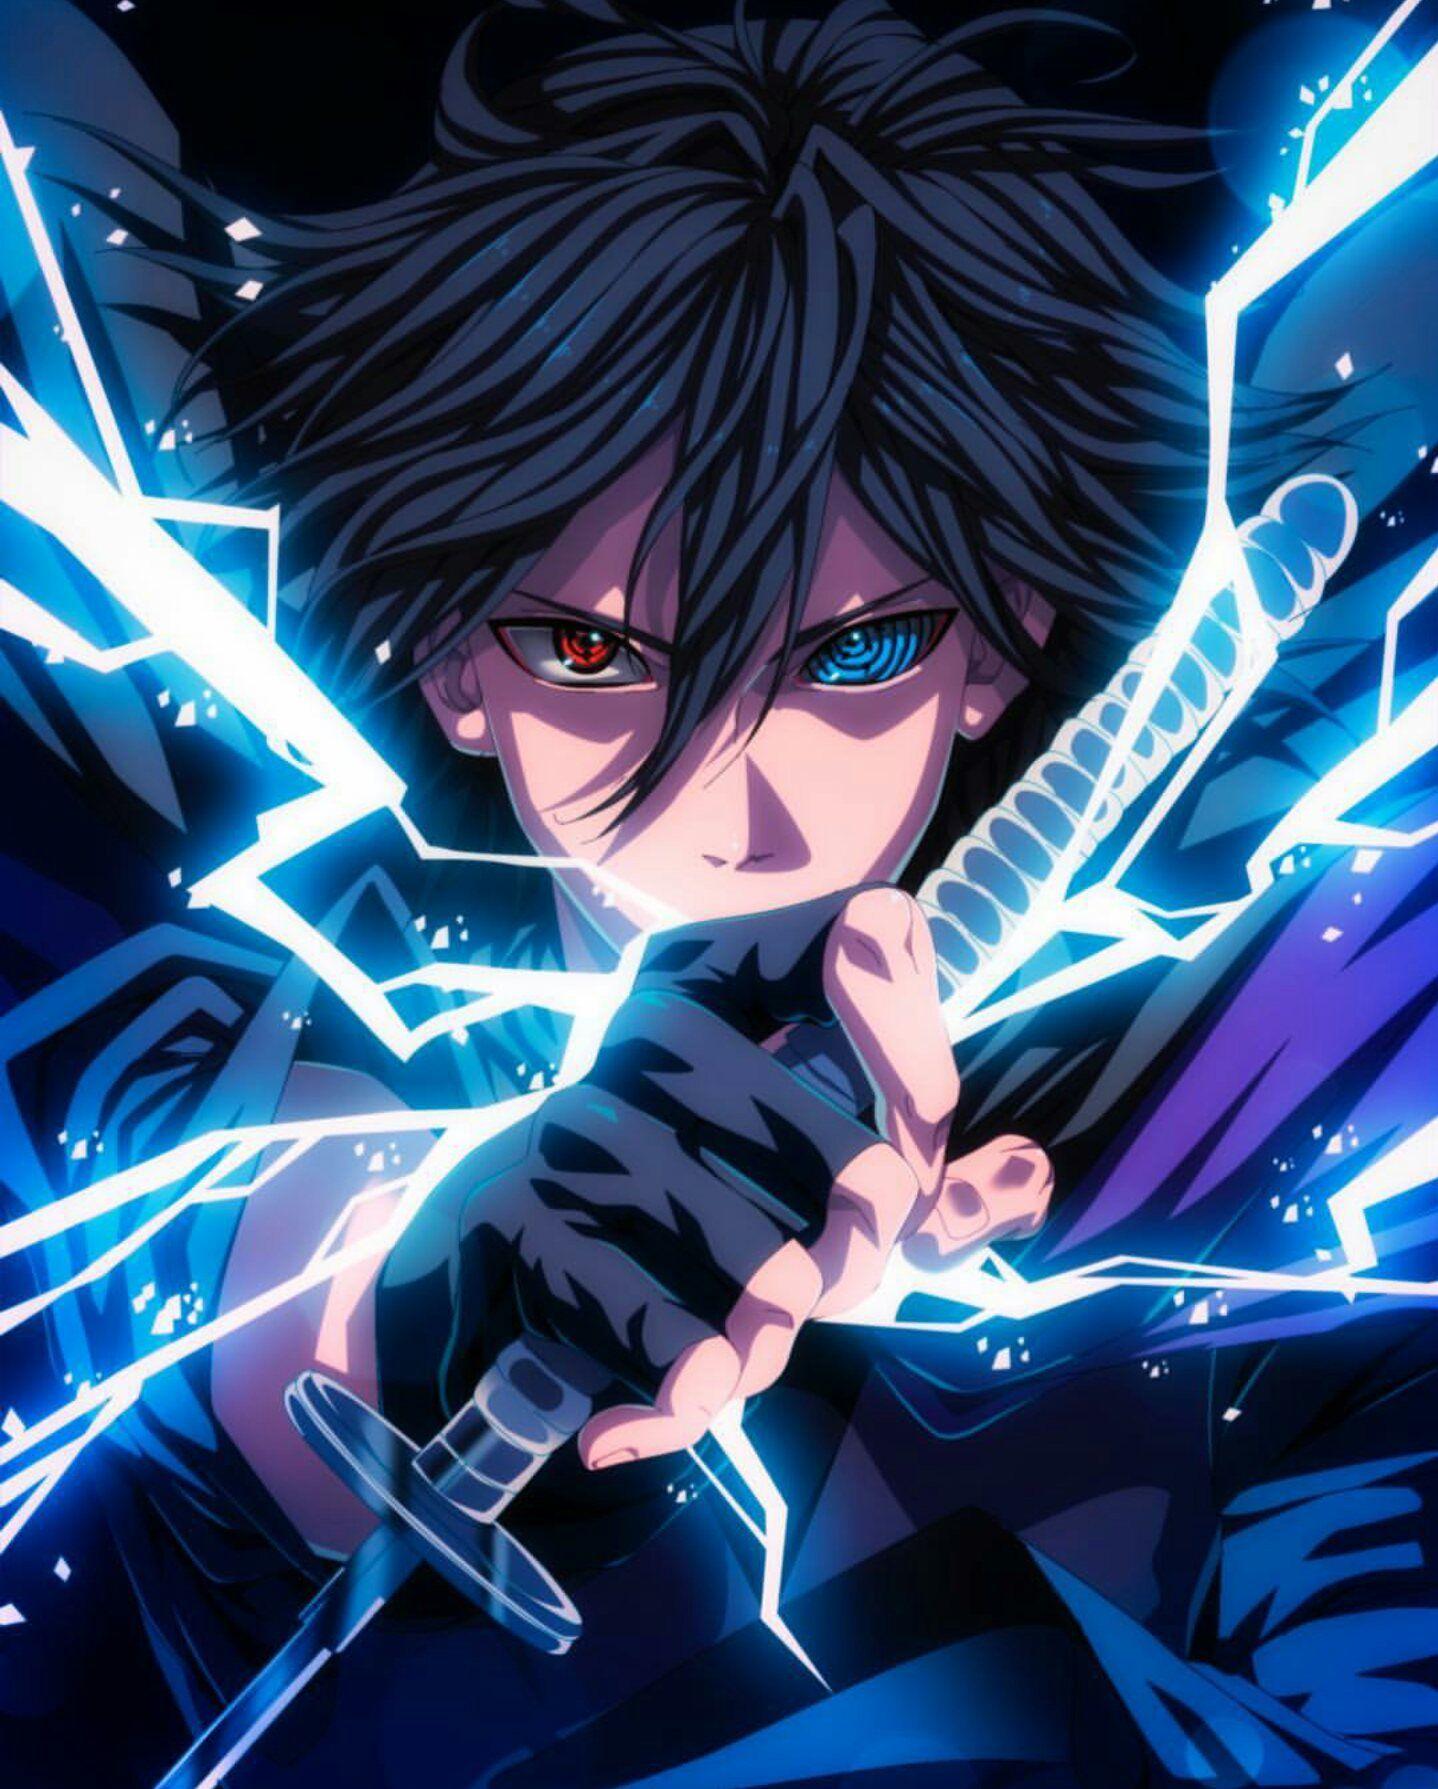 Sasuke Anime Manga Naruto Sasuke Uchiha Itachi Uchiha